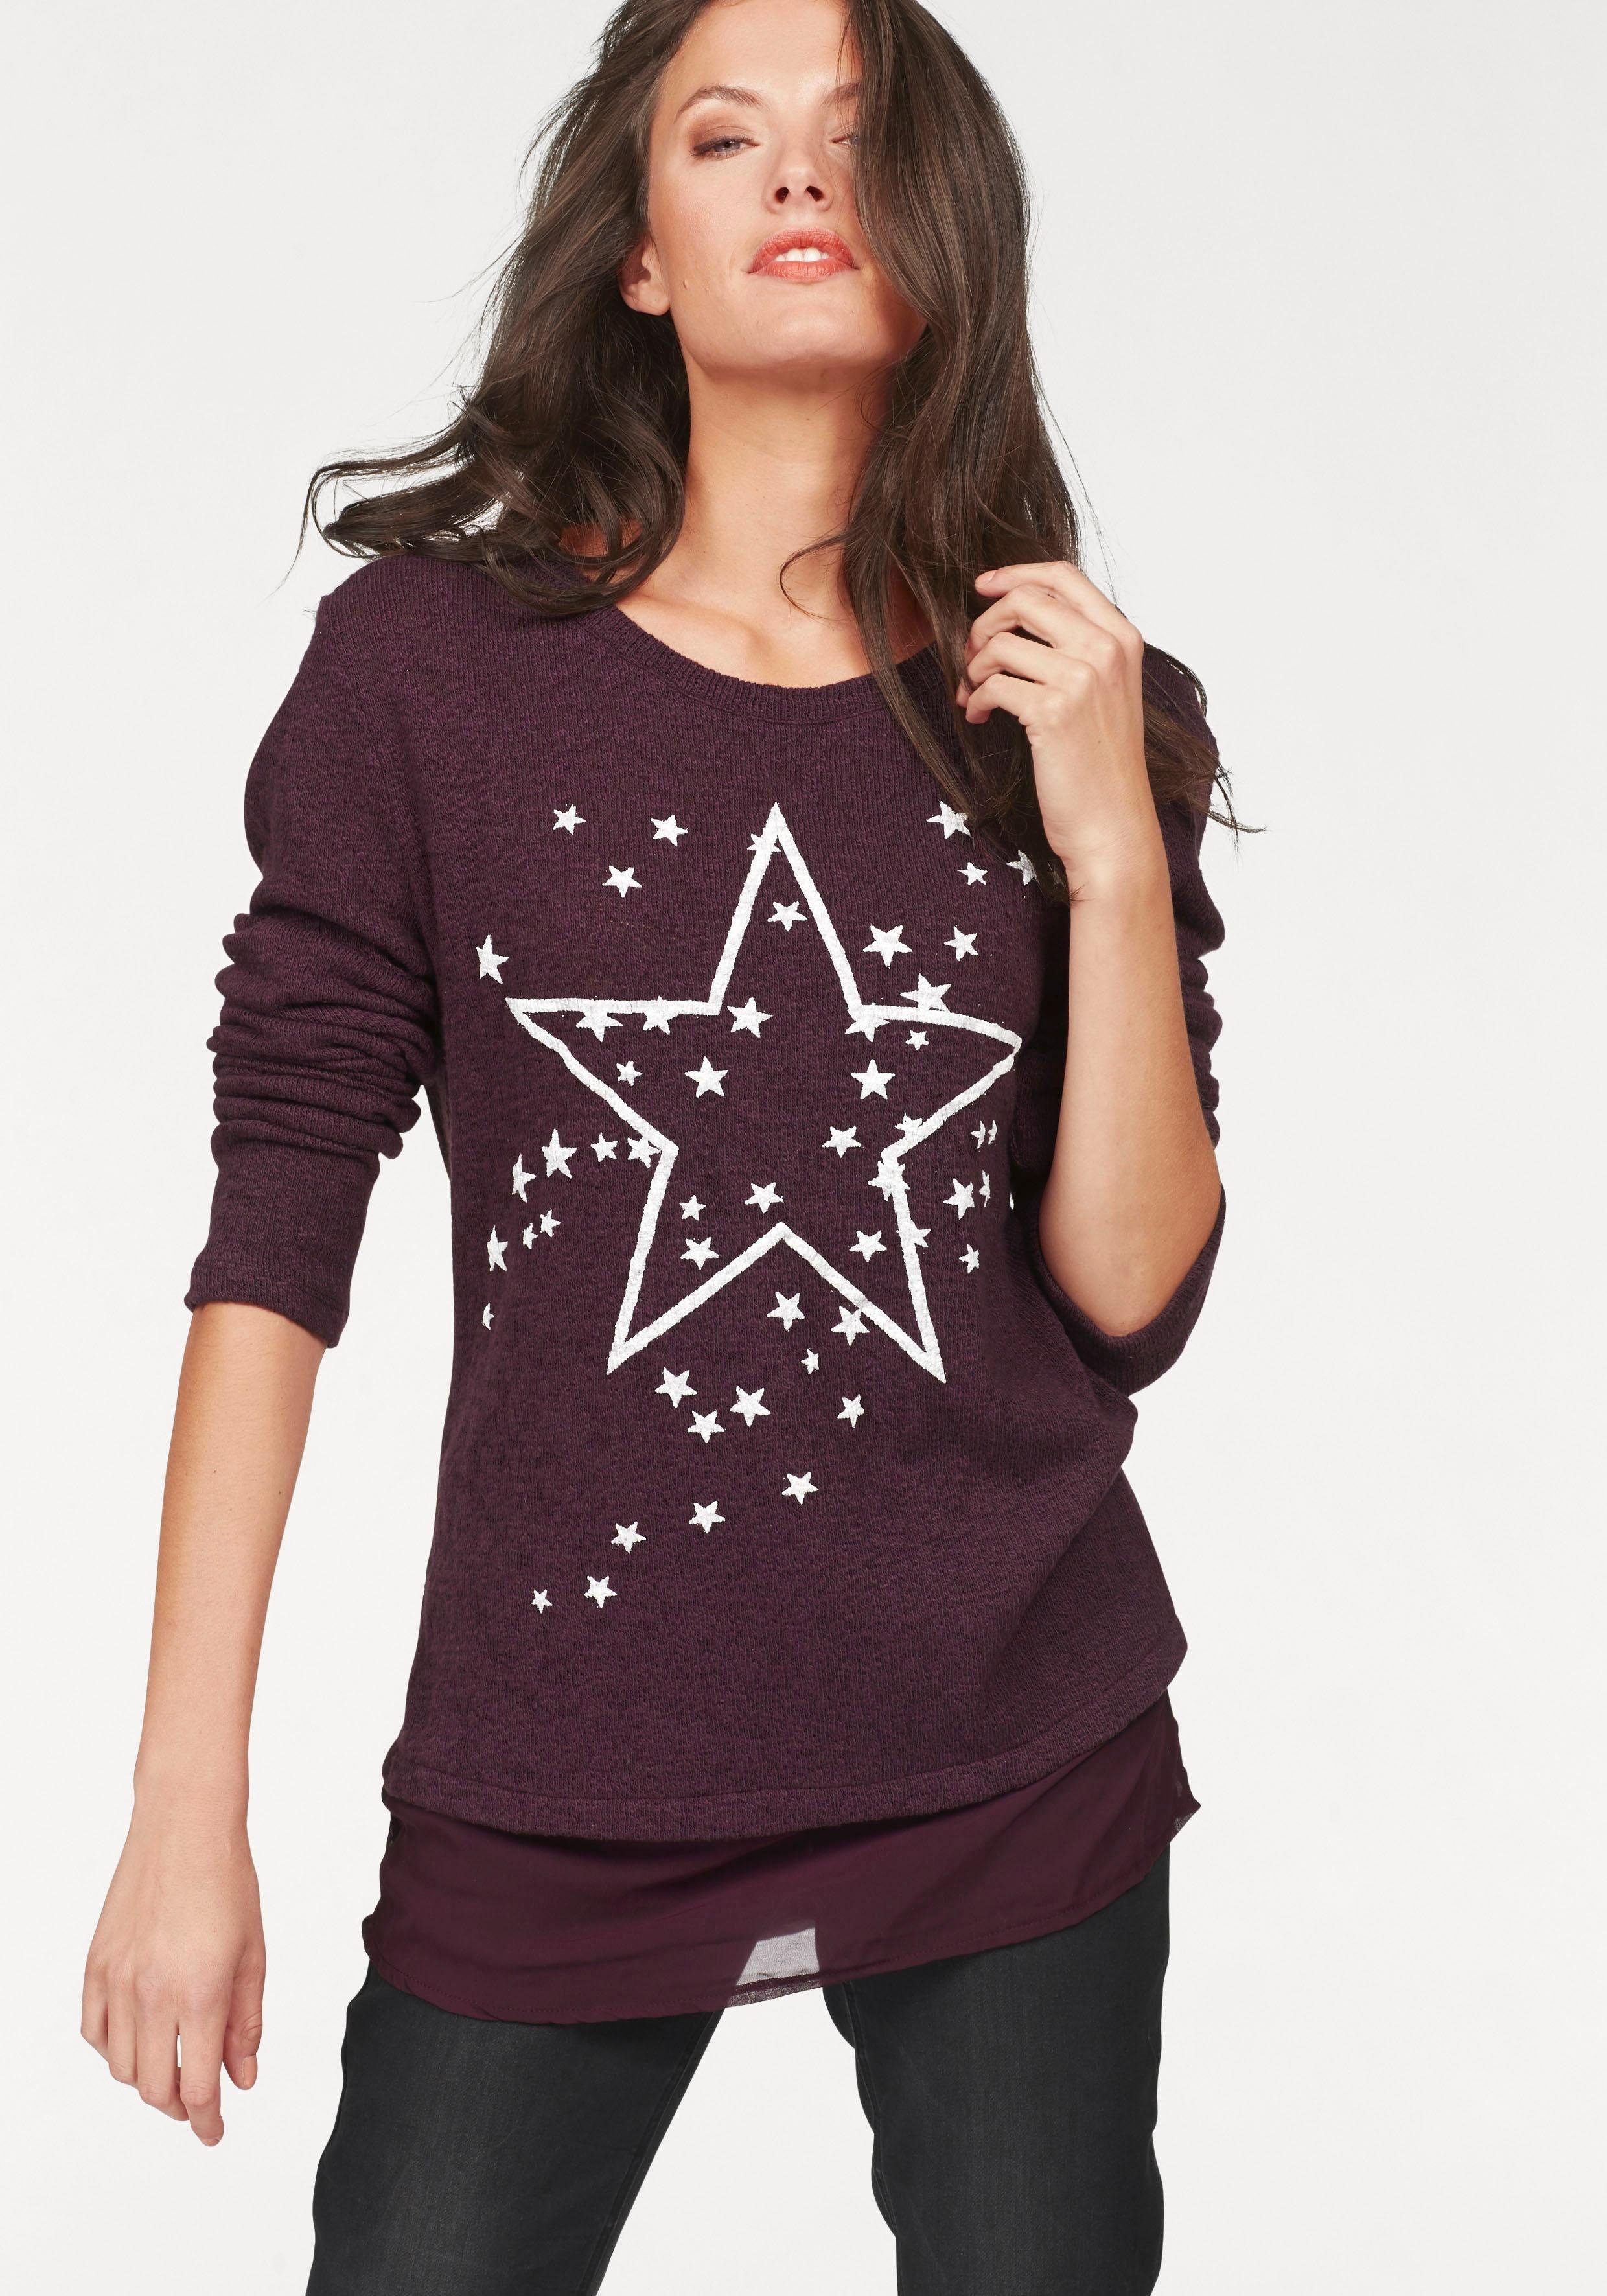 Aniston 2-in-1-Pullover Sternendruck Chiffon-Einsatz am Saum | Bekleidung > Pullover > 2-in-1 Pullover | Rot | Aniston By Baur